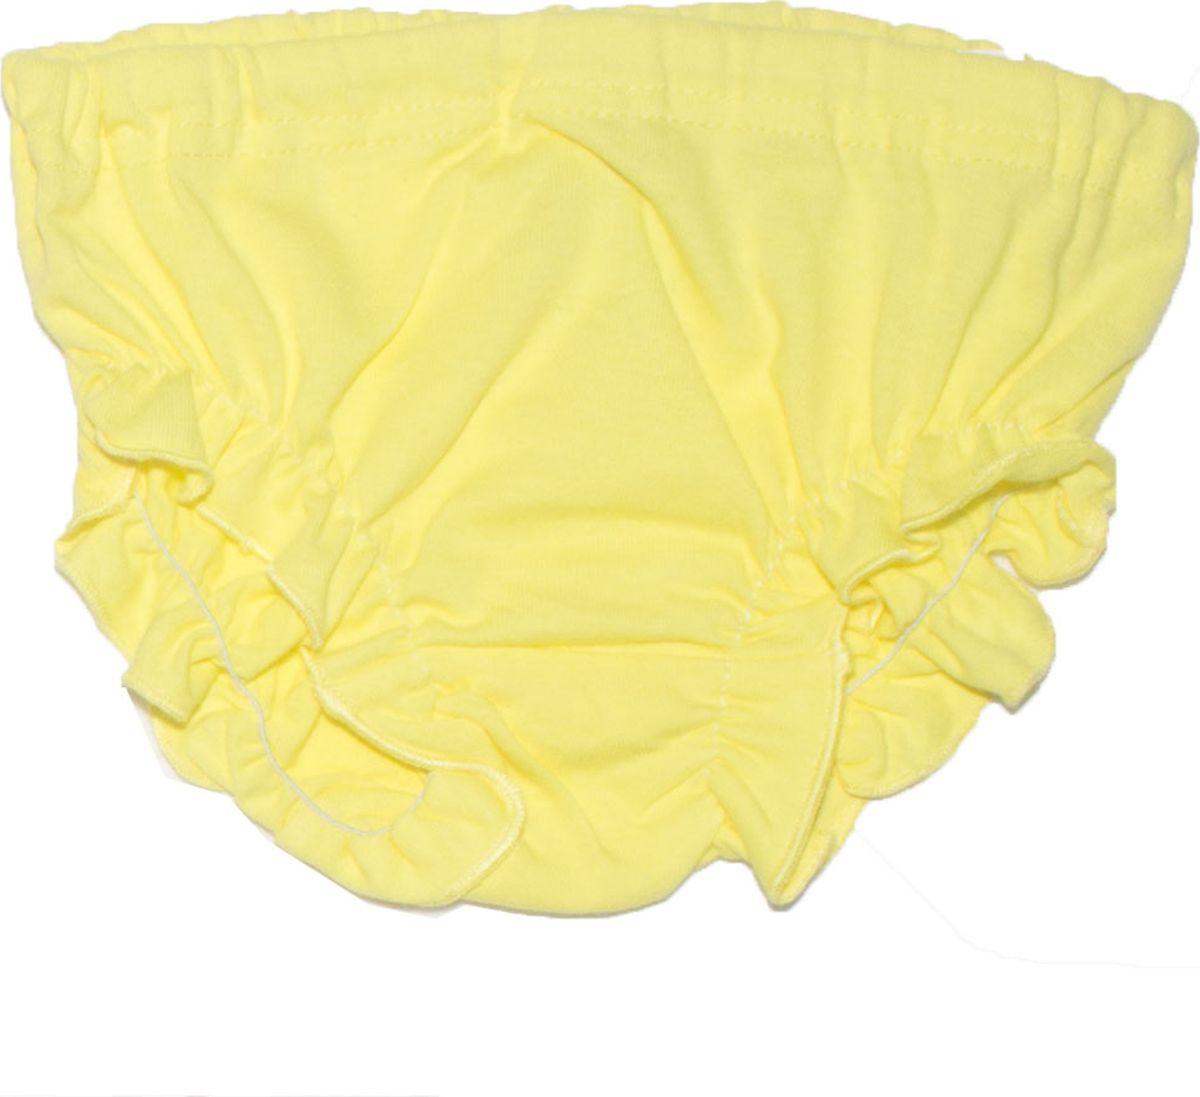 Трусы для девочки Осьминожка, цвет: желтый. 110-03. Размер 80 трусы для девочки осьминожка цвет молочный 110 03 размер 80